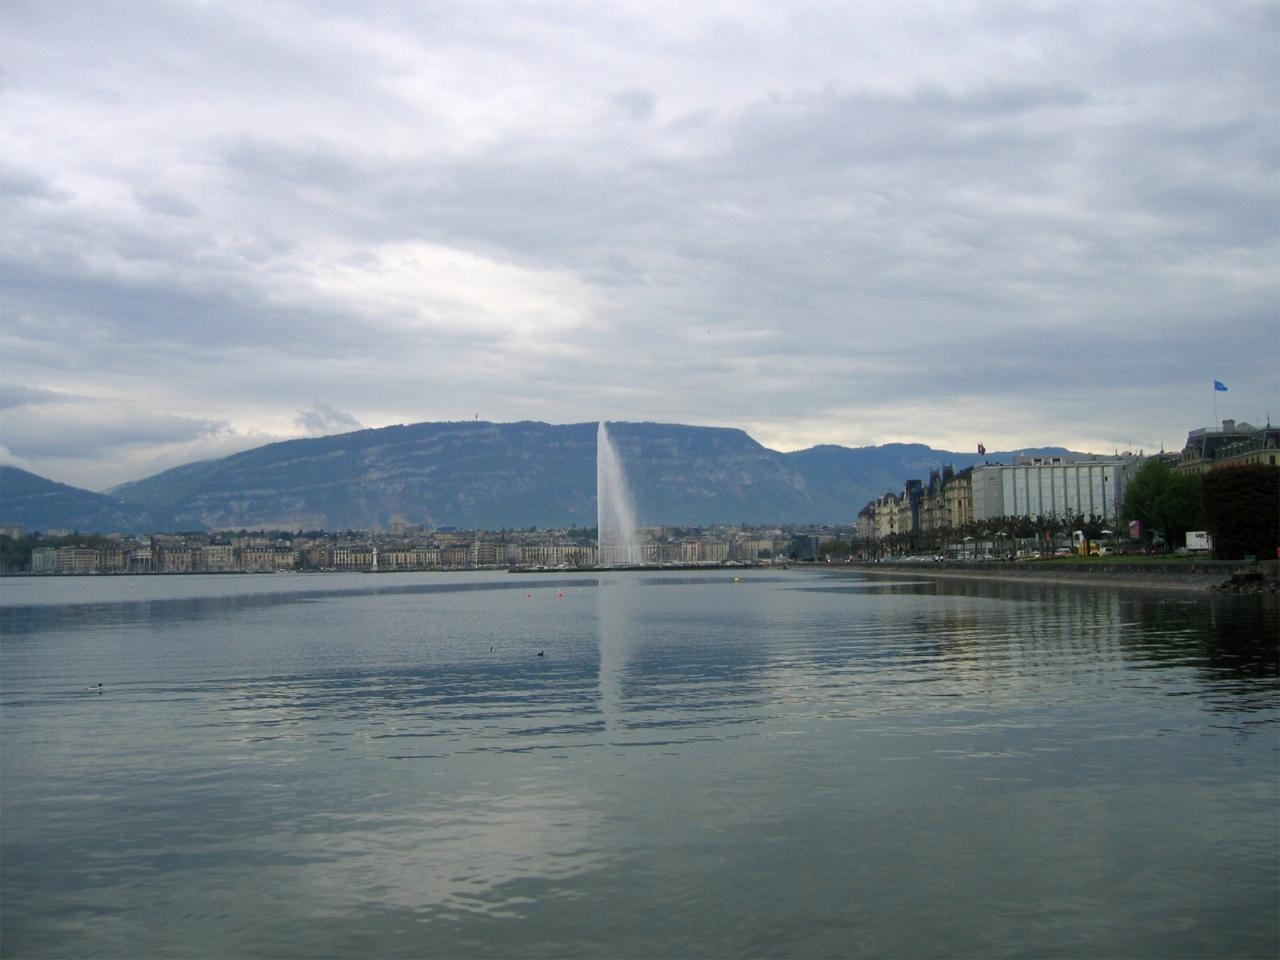 ジュネーブ (ジュネーヴ) Genève (Geneva)(2ページ)